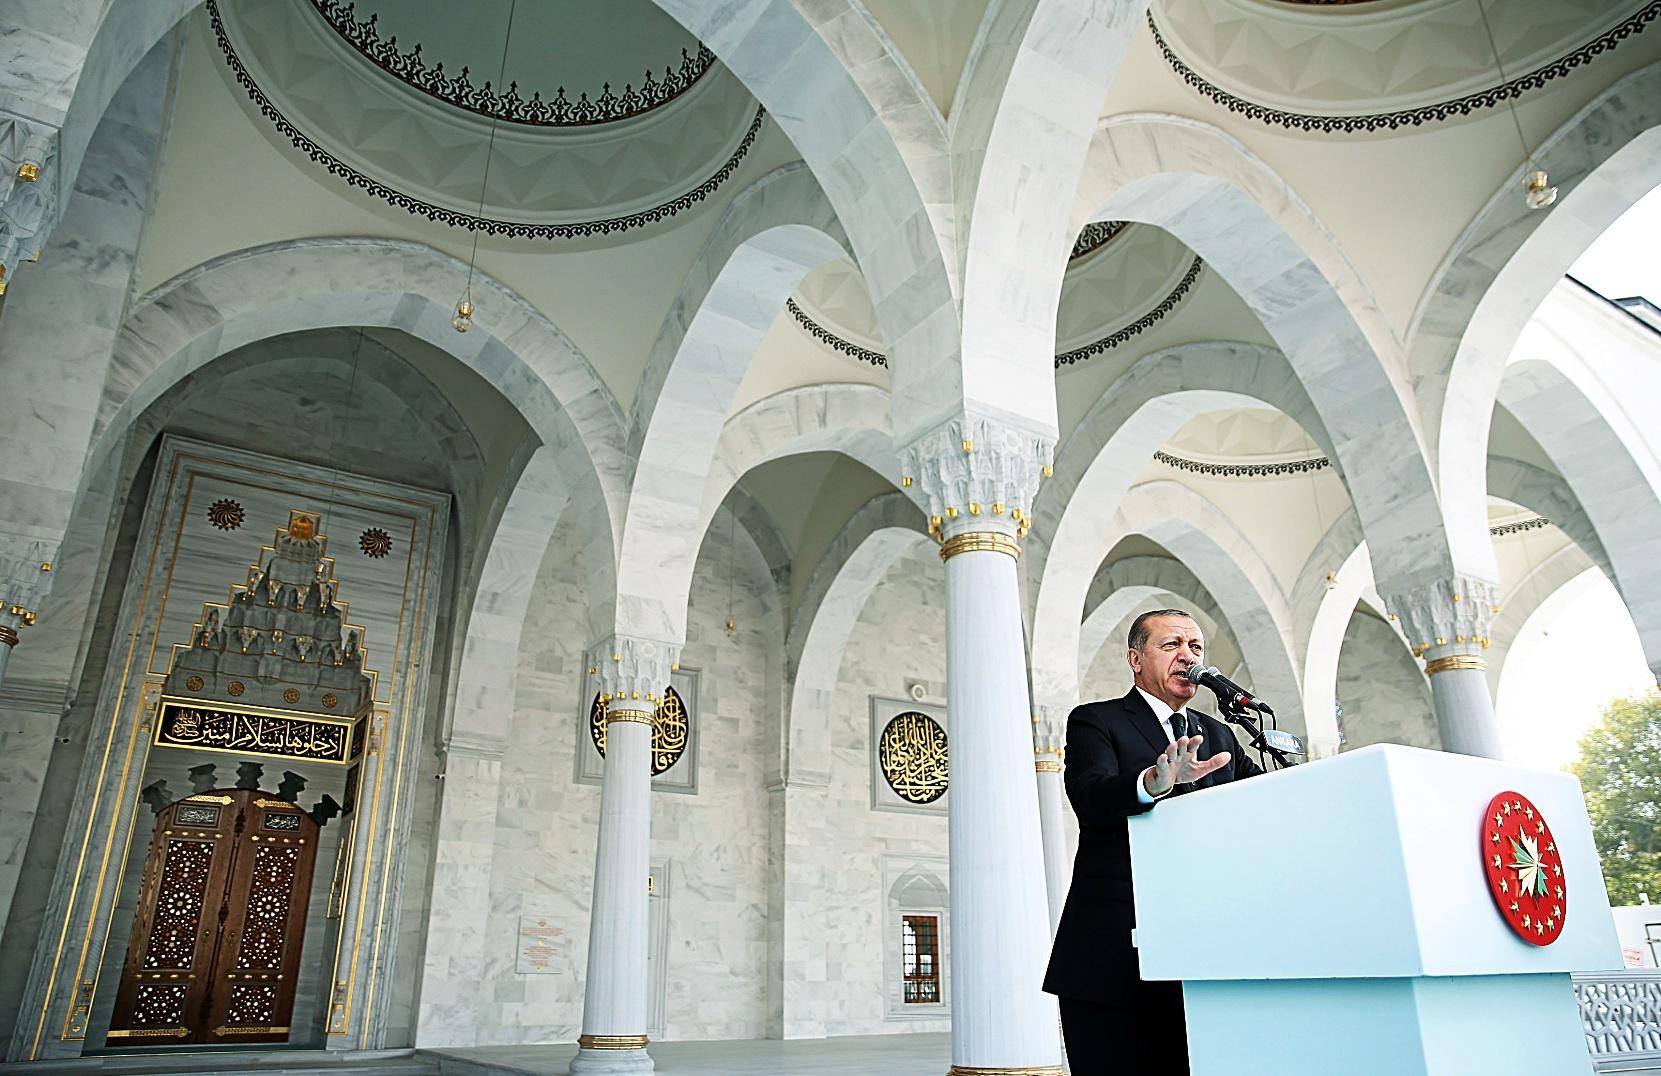 El presidente turco Tayyip Erdogan durante la inauguración de una mezquita en Ankara.